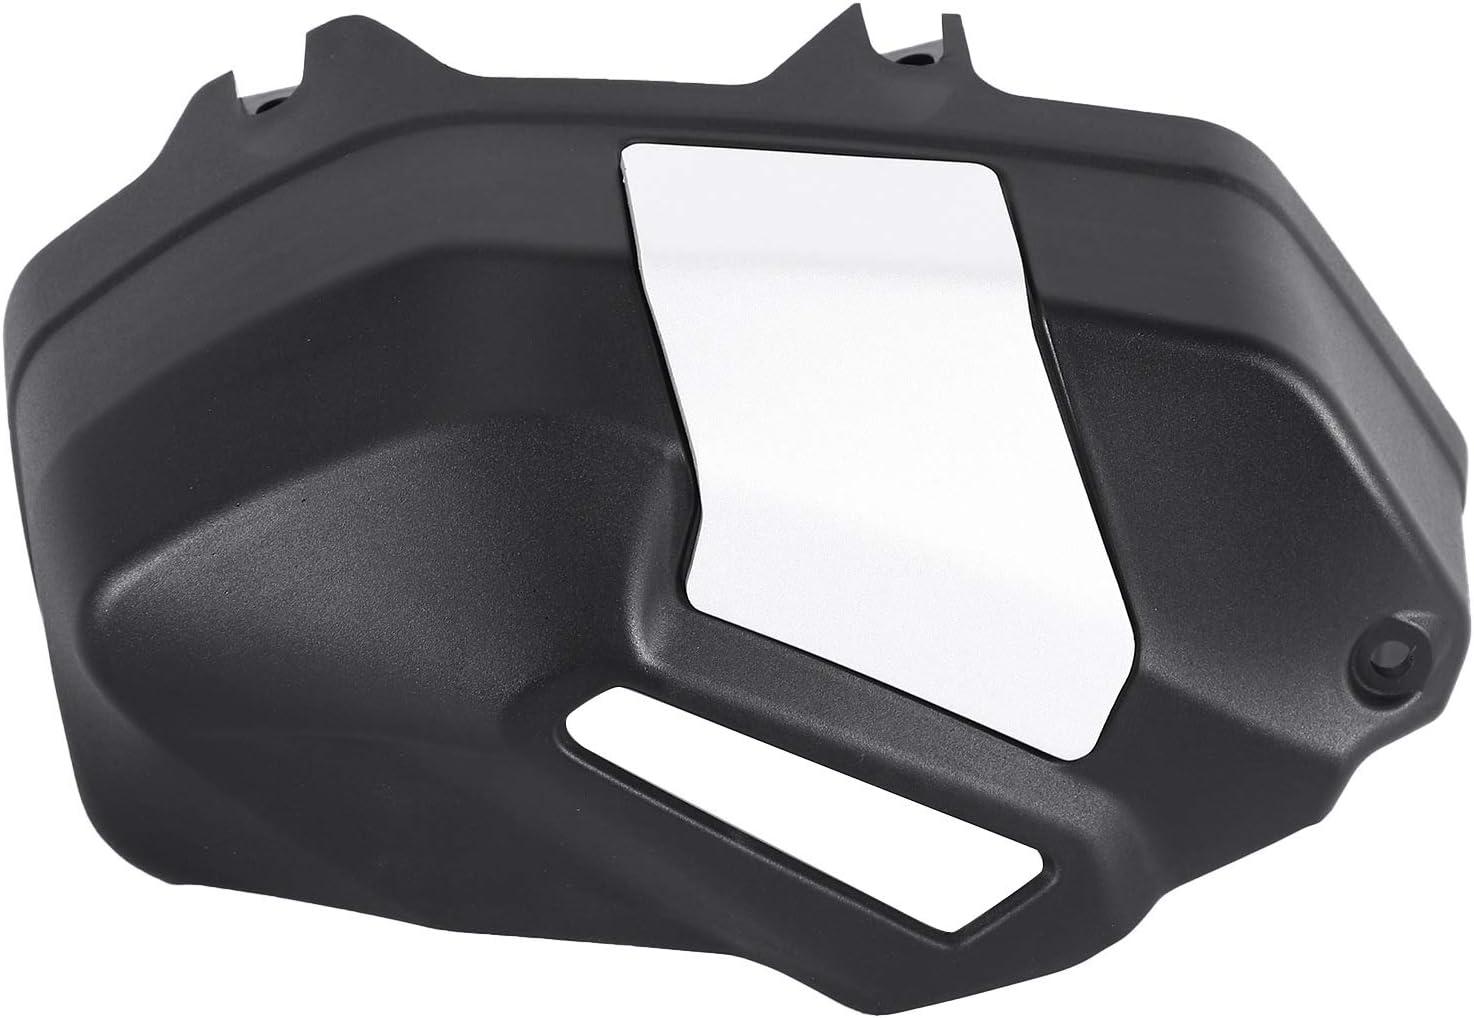 Nrpfell Schutz Abdeckung f/ür Motorrad Zylinder Kopf Schutz f/ür R1250GS R1250RS R1250RT R1250R 2018-2020